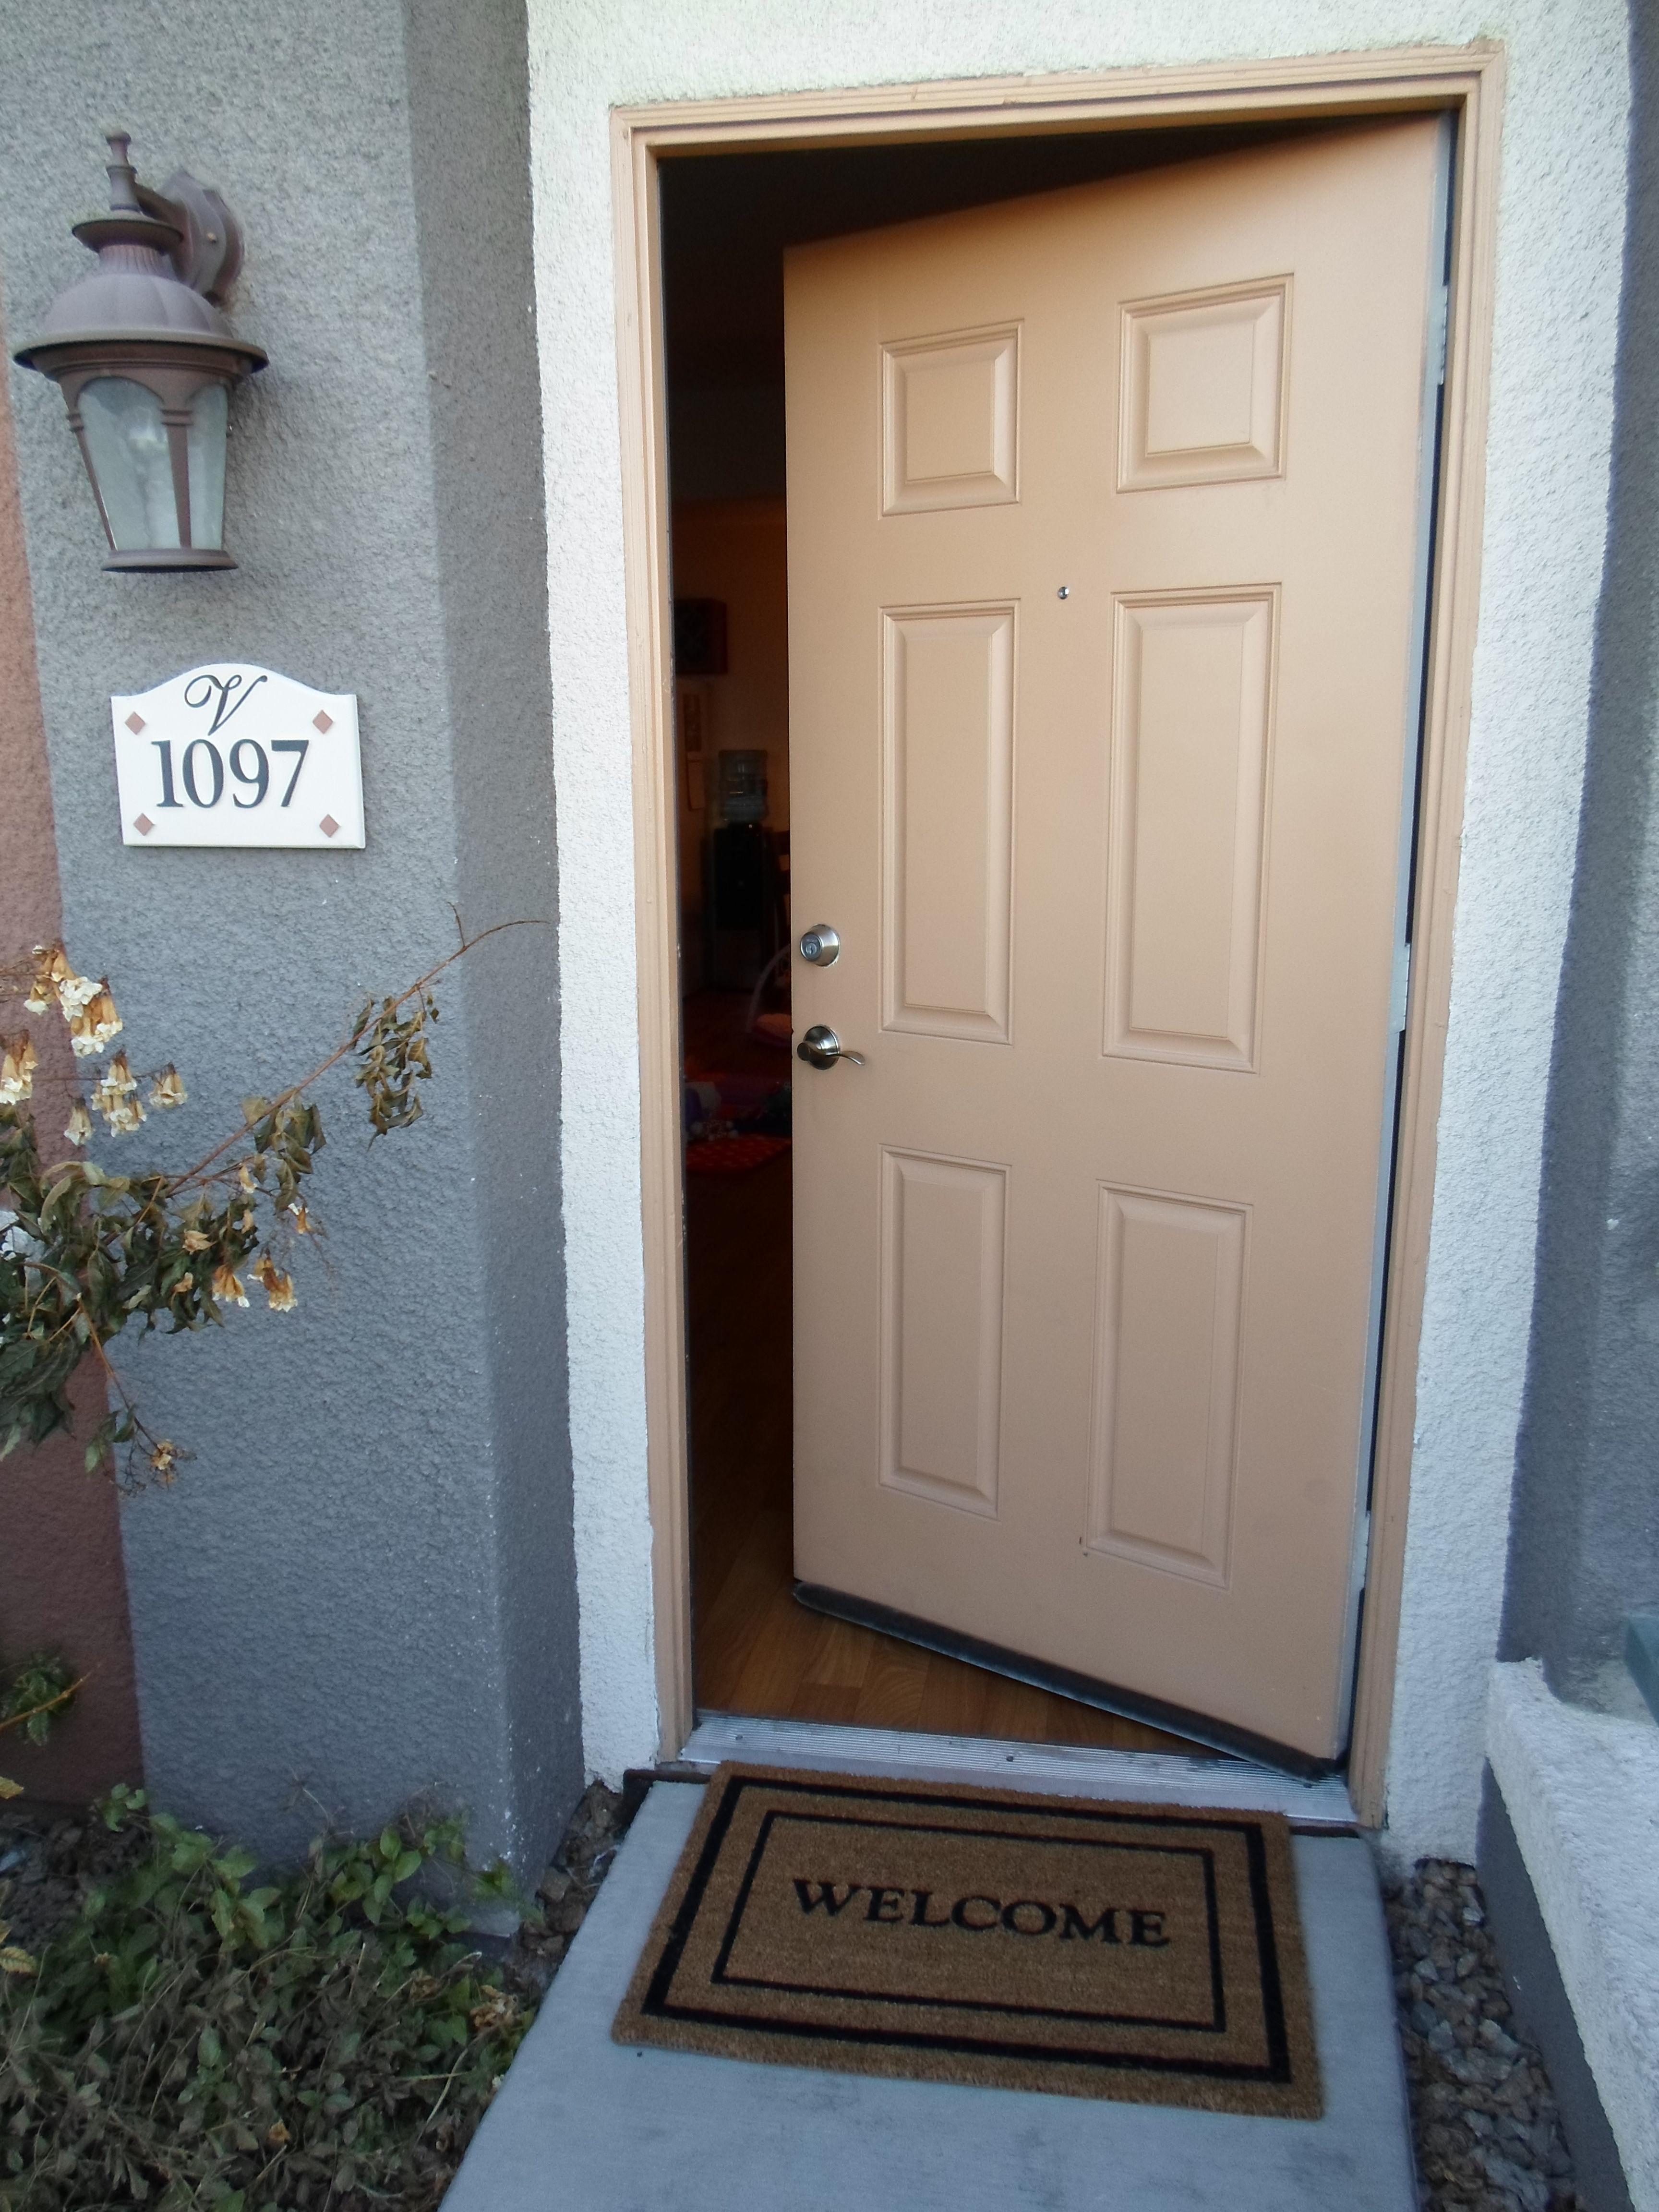 Llegas a tu casa y te encuentras con la puerta entreabierta. Aparentemente no hay nadie dentro.